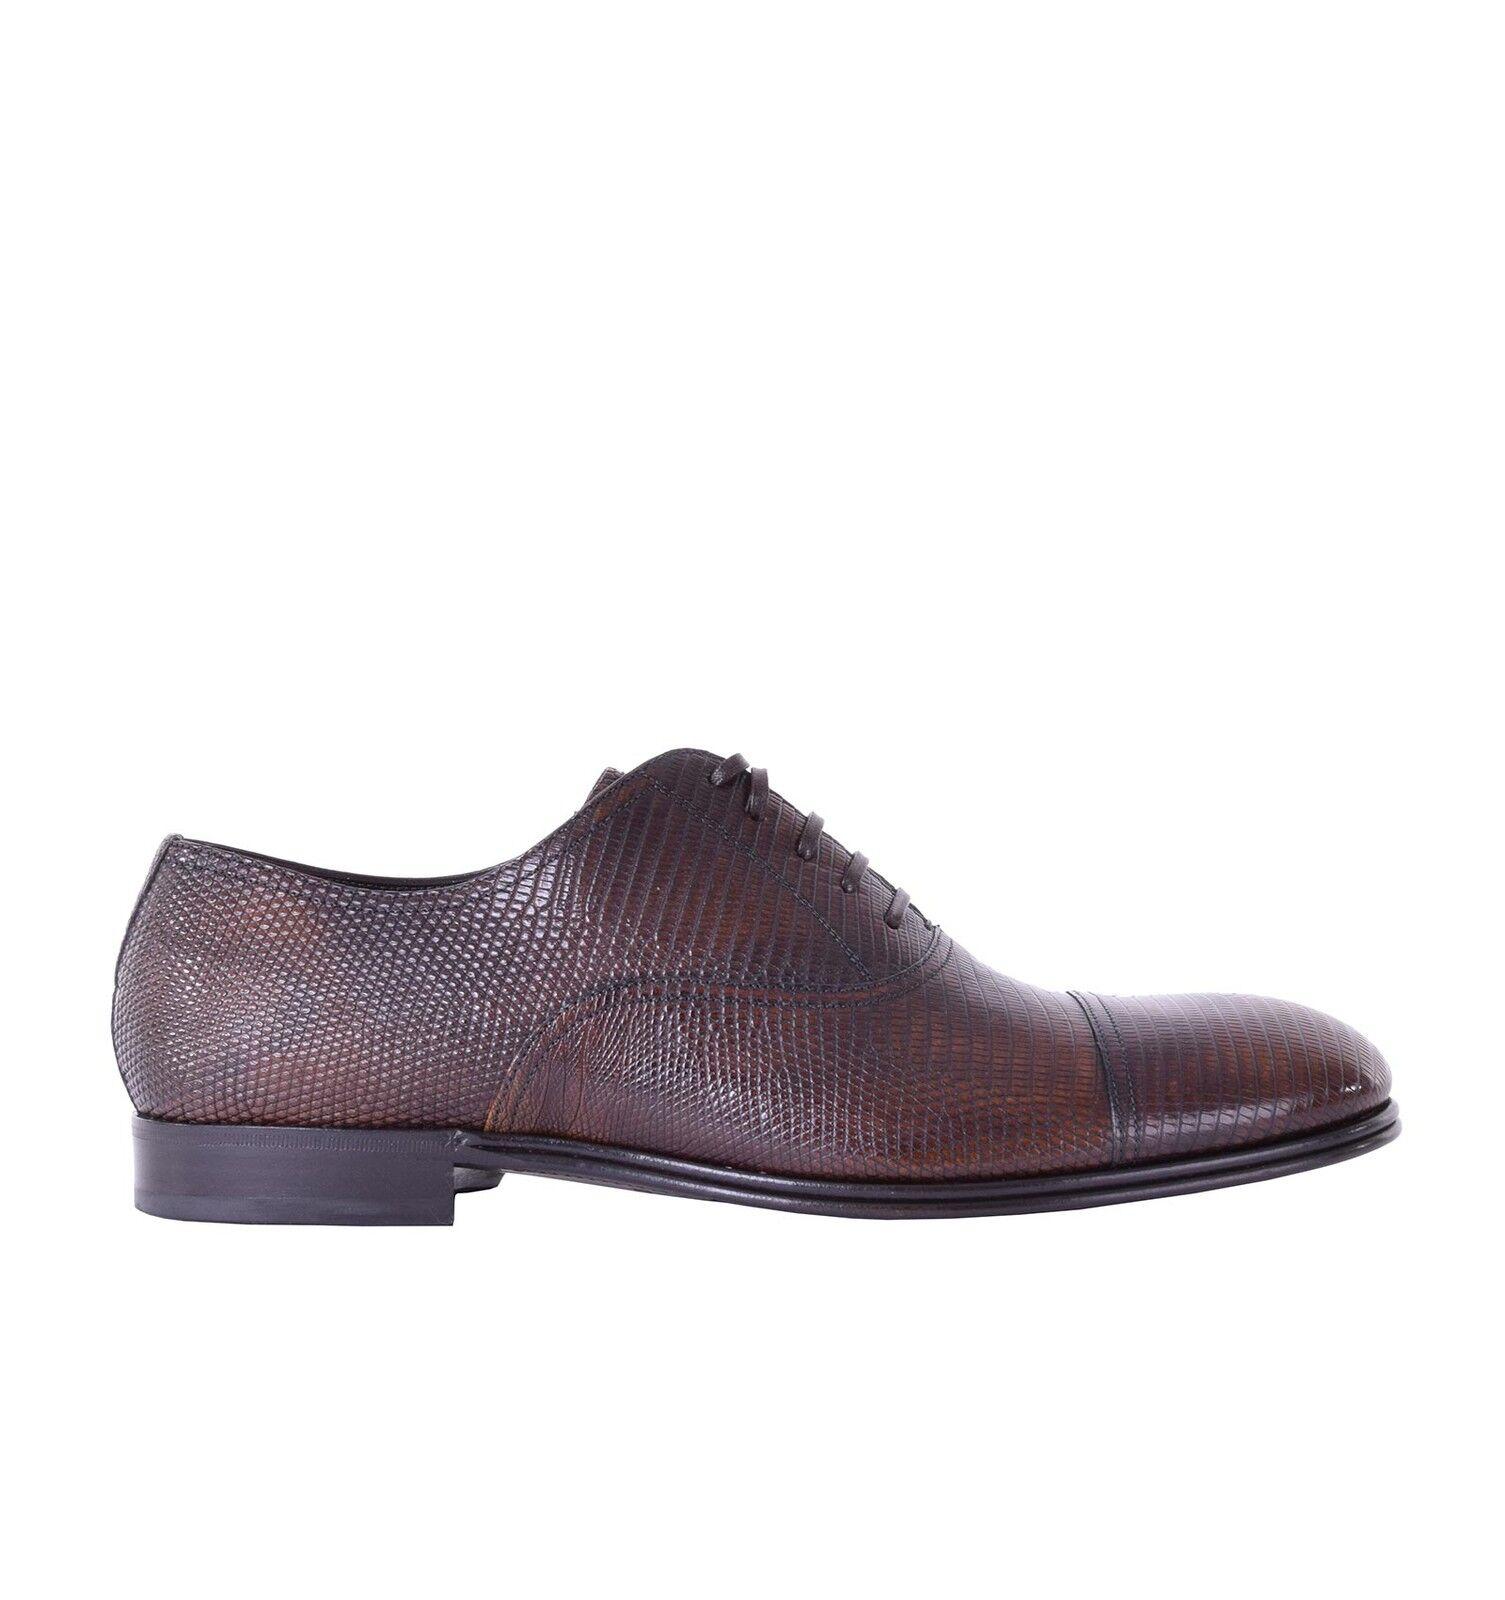 DOLCE Eidechse & GABBANA Glänzende Waran Eidechse DOLCE Oxford Schuhe Braun Schuhes 05389 c15795